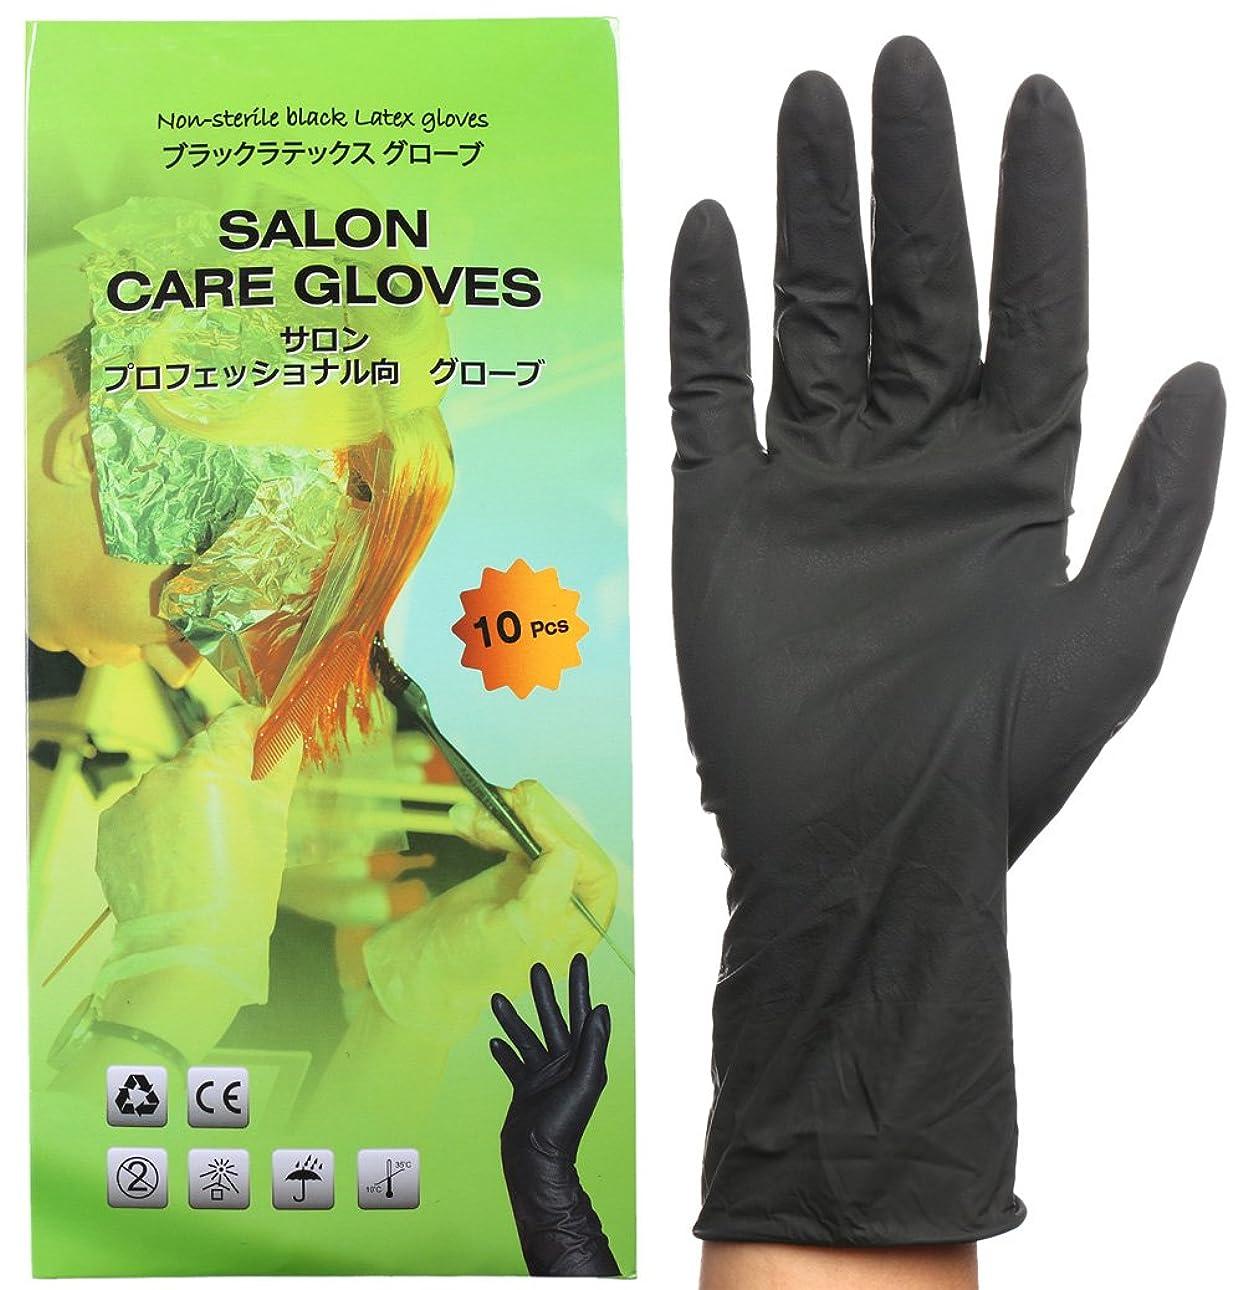 違反するスロベニア乱雑なブラックグローブ ハンドケアグローブ ゴム手袋 ヘアカラー 毛染め 10セット入り